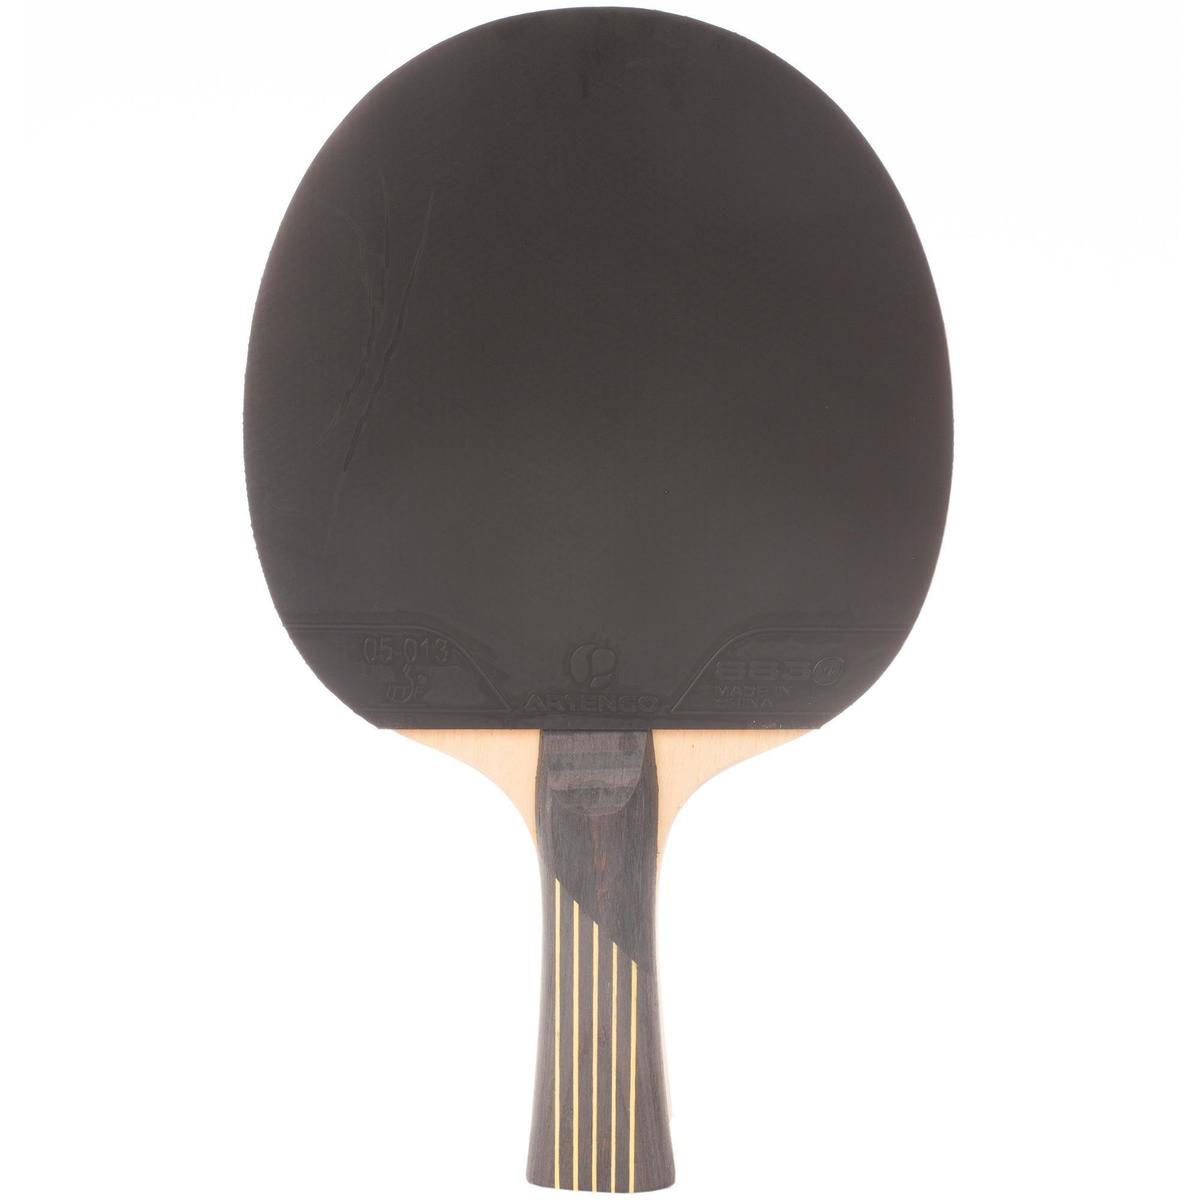 Bild 2 von Tischtennisschläger FR 930 5*